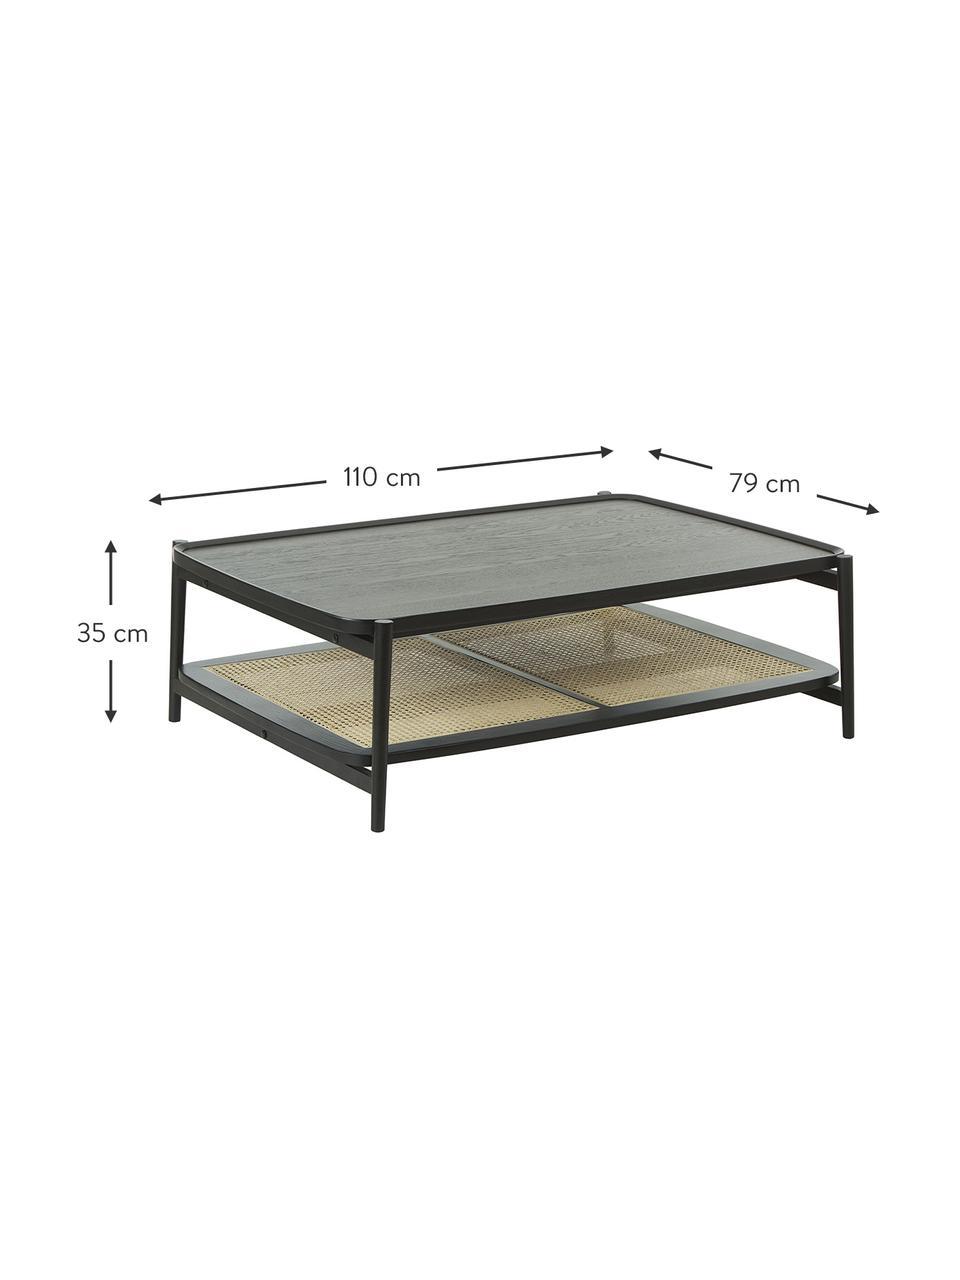 Tavolino da salotto in legno di quercia nero con intreccio viennese Libby, Ripiano: rattan, Struttura: legno massiccio di querci, Nero, Larg. 110 x Alt. 35 cm